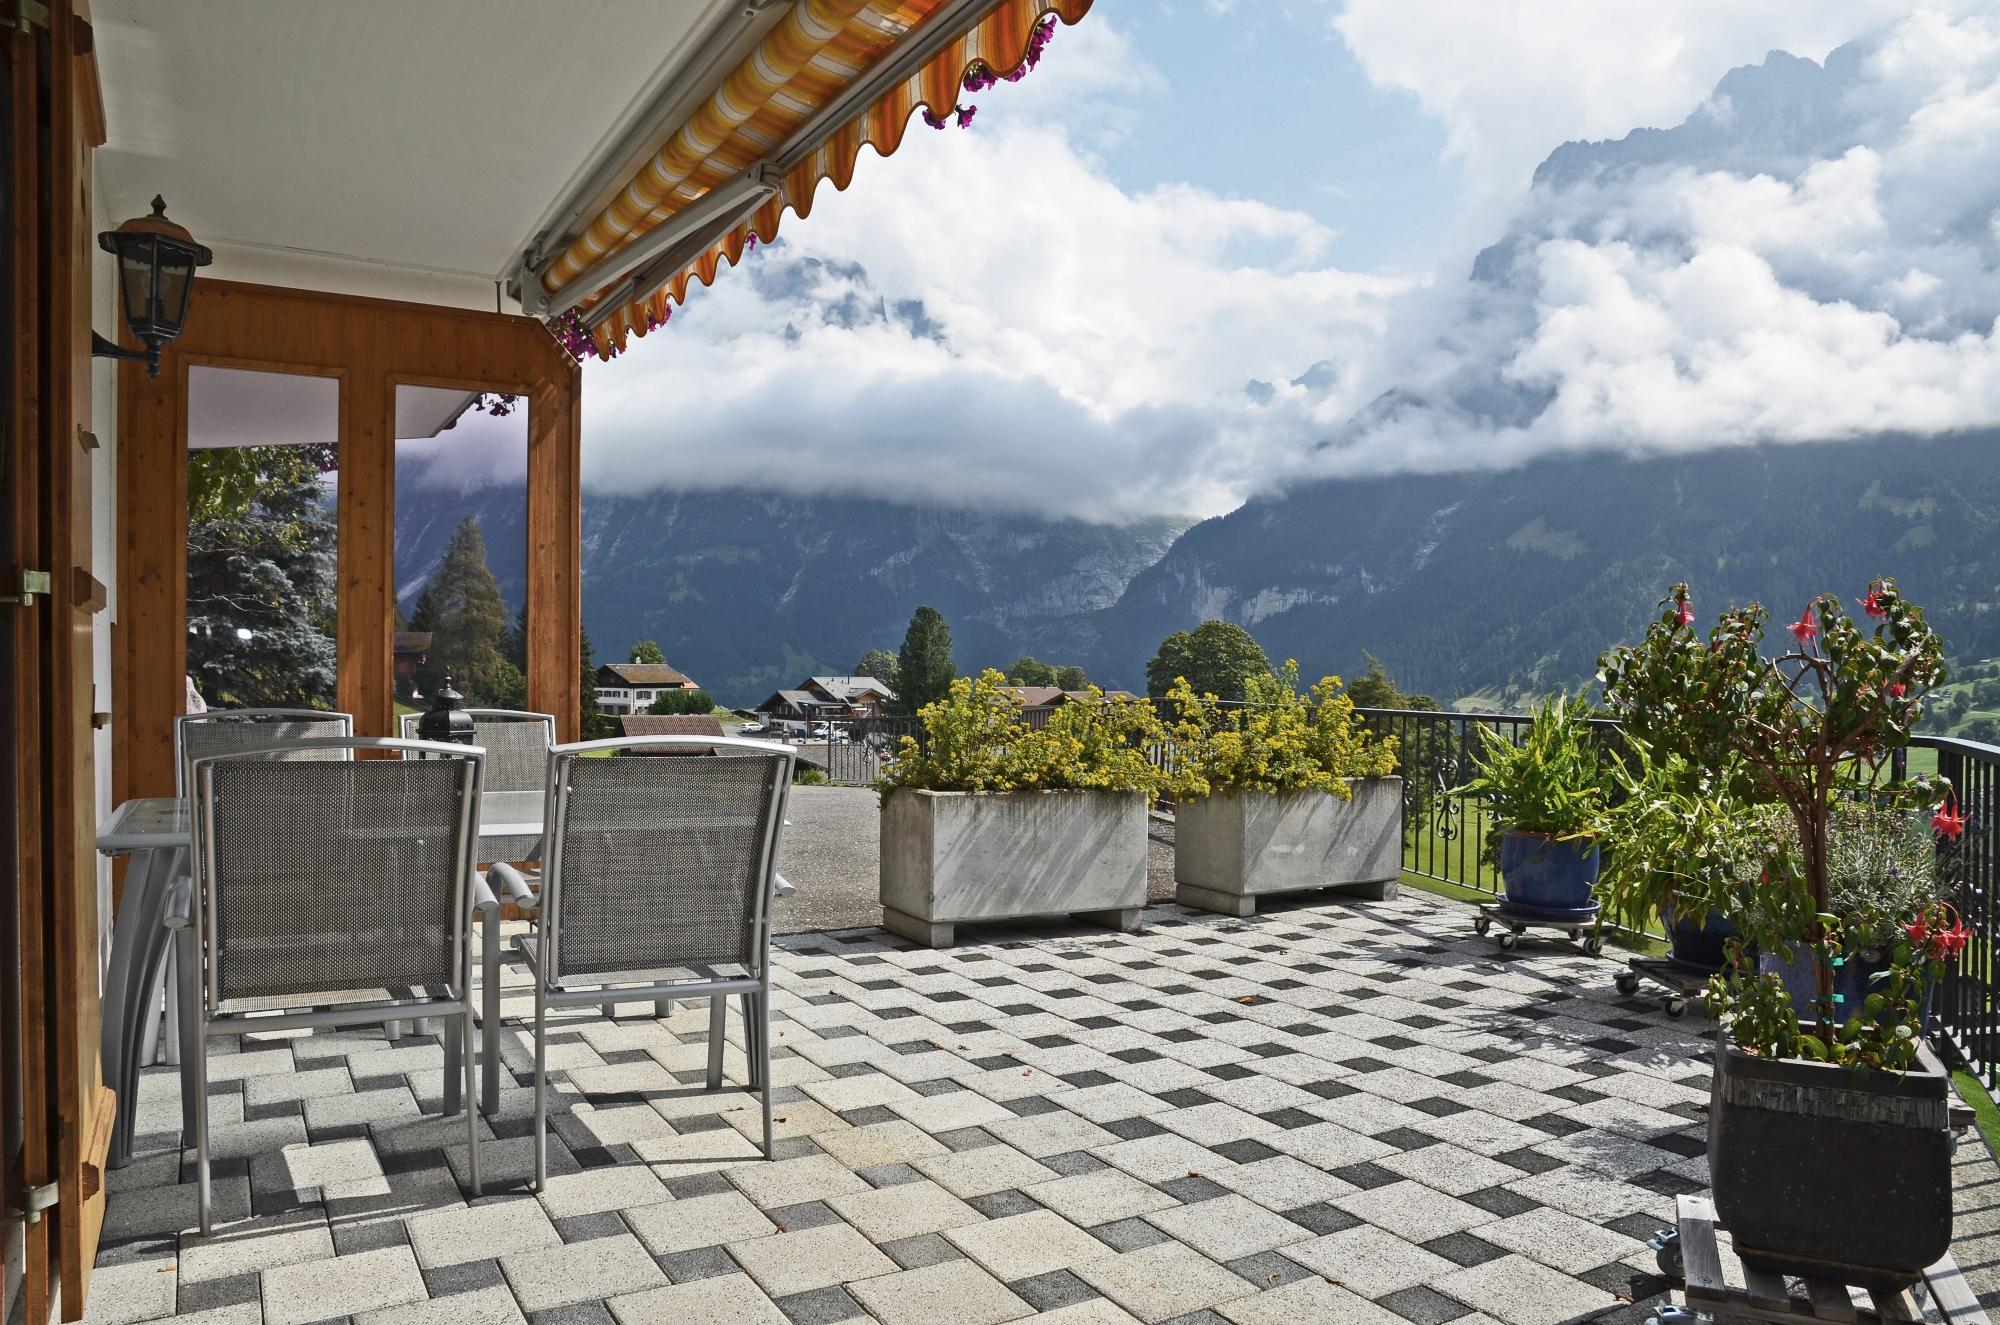 Ferienwohnung Susenegg 2 Bett Wohnung (2655741), Grindelwald, Jungfrauregion, Berner Oberland, Schweiz, Bild 8